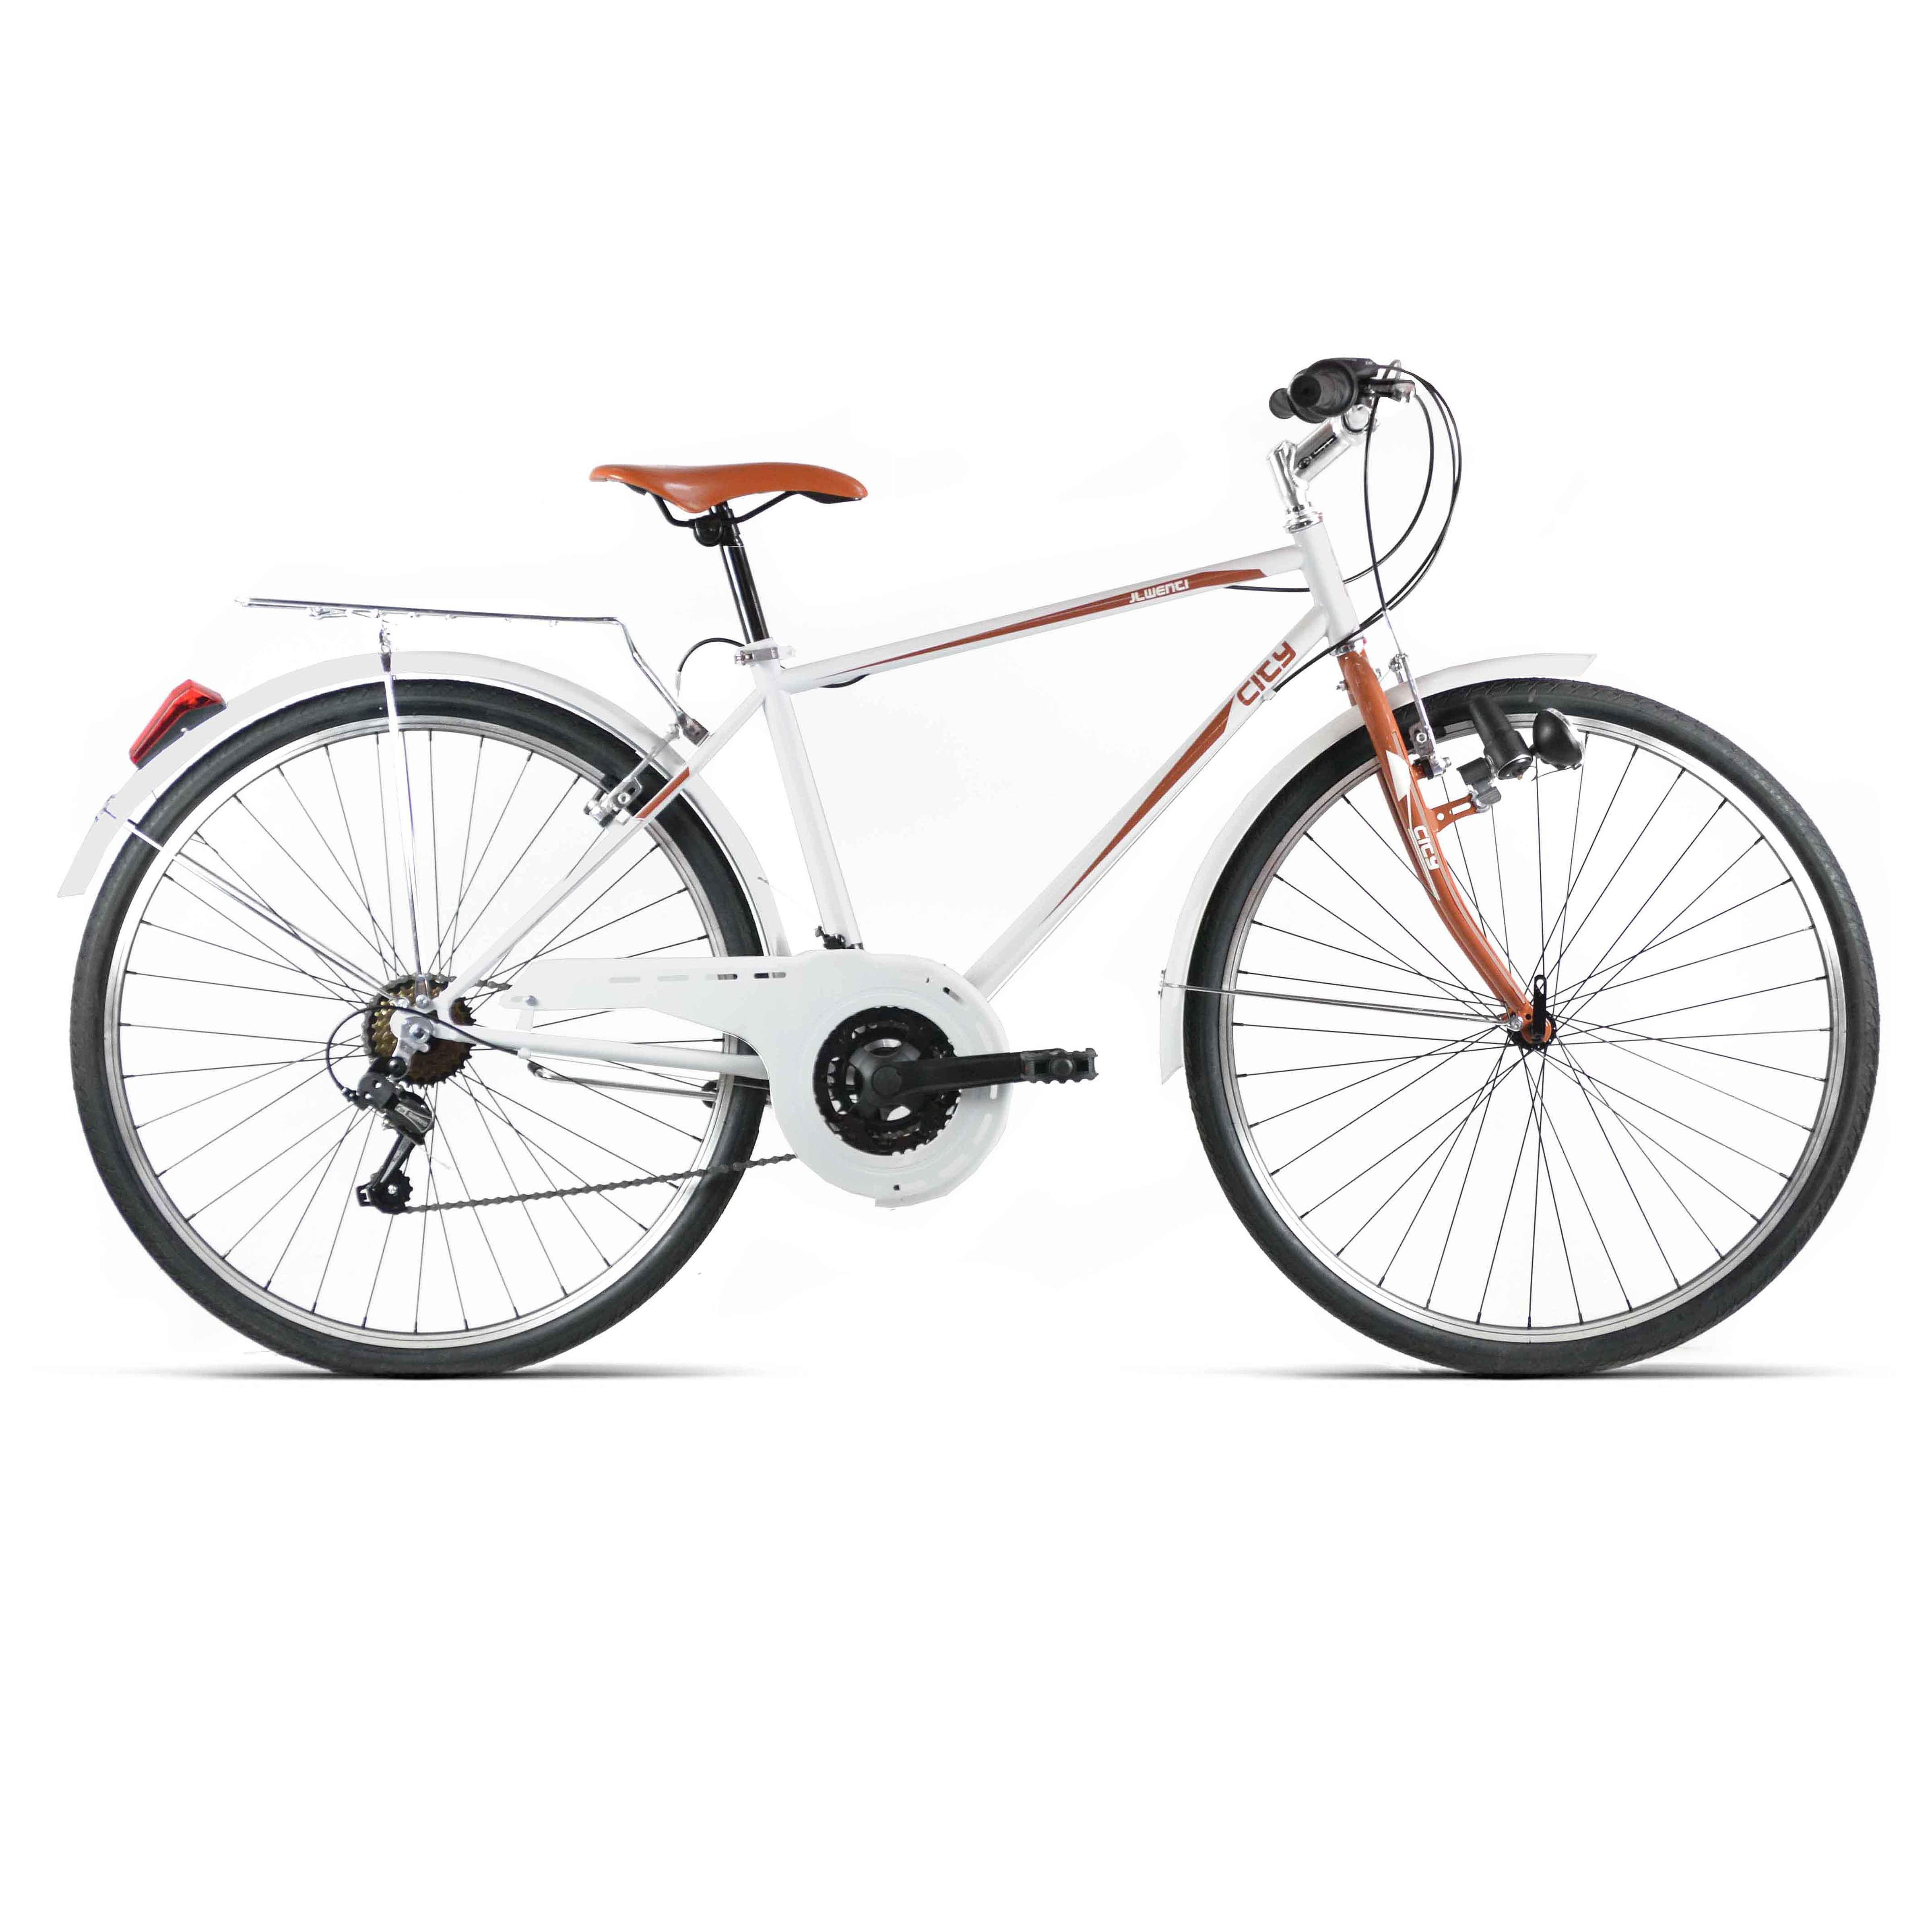 f7c6ce933e4 Bicicleta para ciudad hombre 6 Velocidades – Bicicletas Valdés